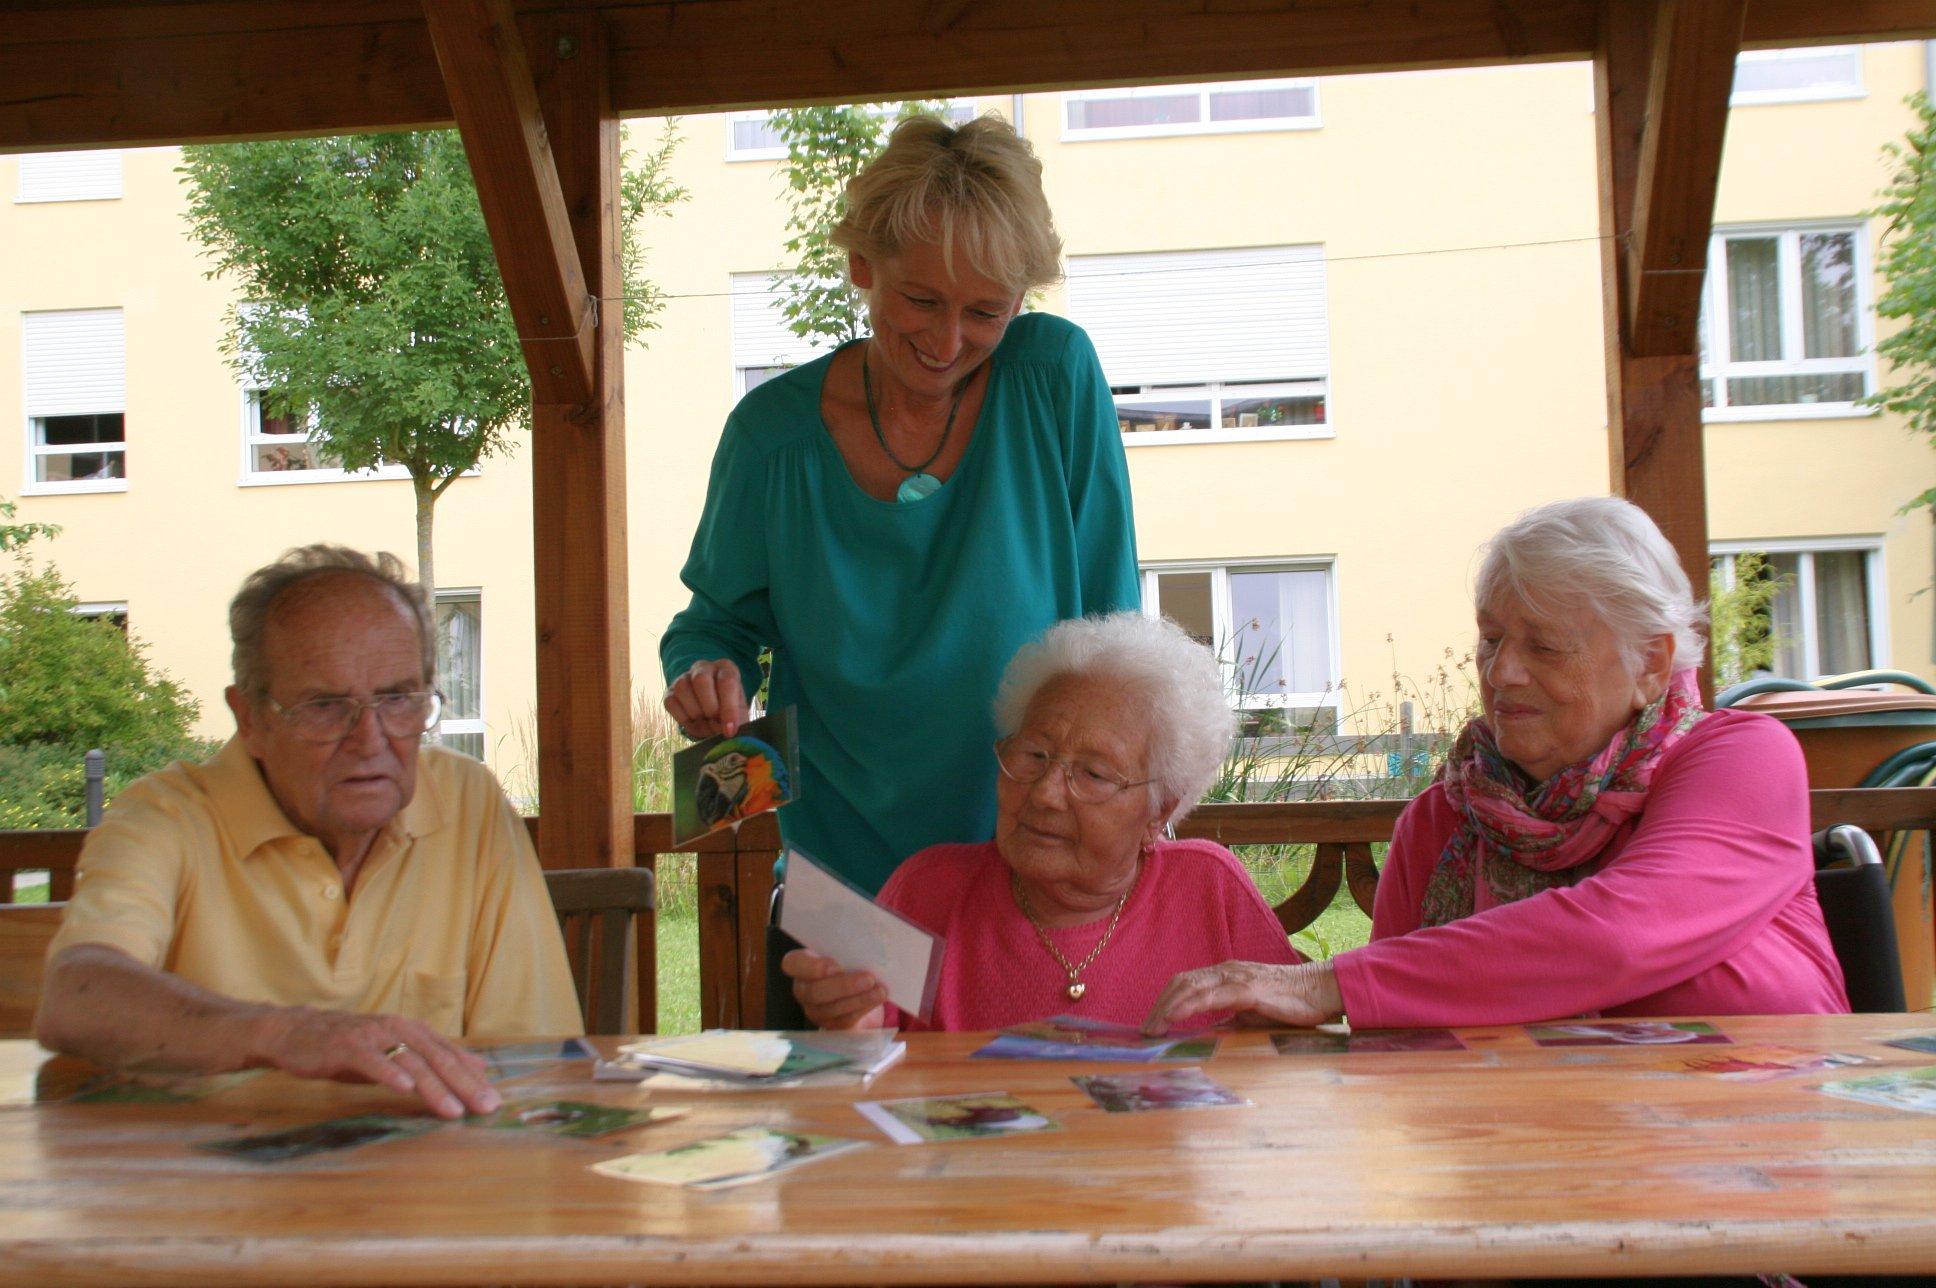 seniorenbetreuung-muenchen-lebensfreude-66-plus-gehirntraining